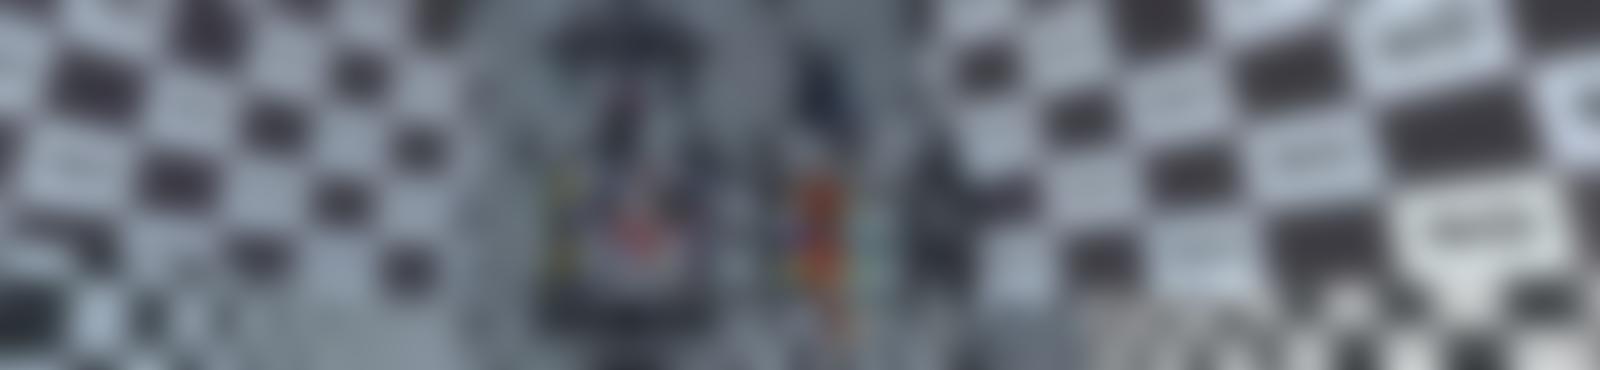 Blurred 63271b51 f0b0 4b77 a1f4 d48f97347f70